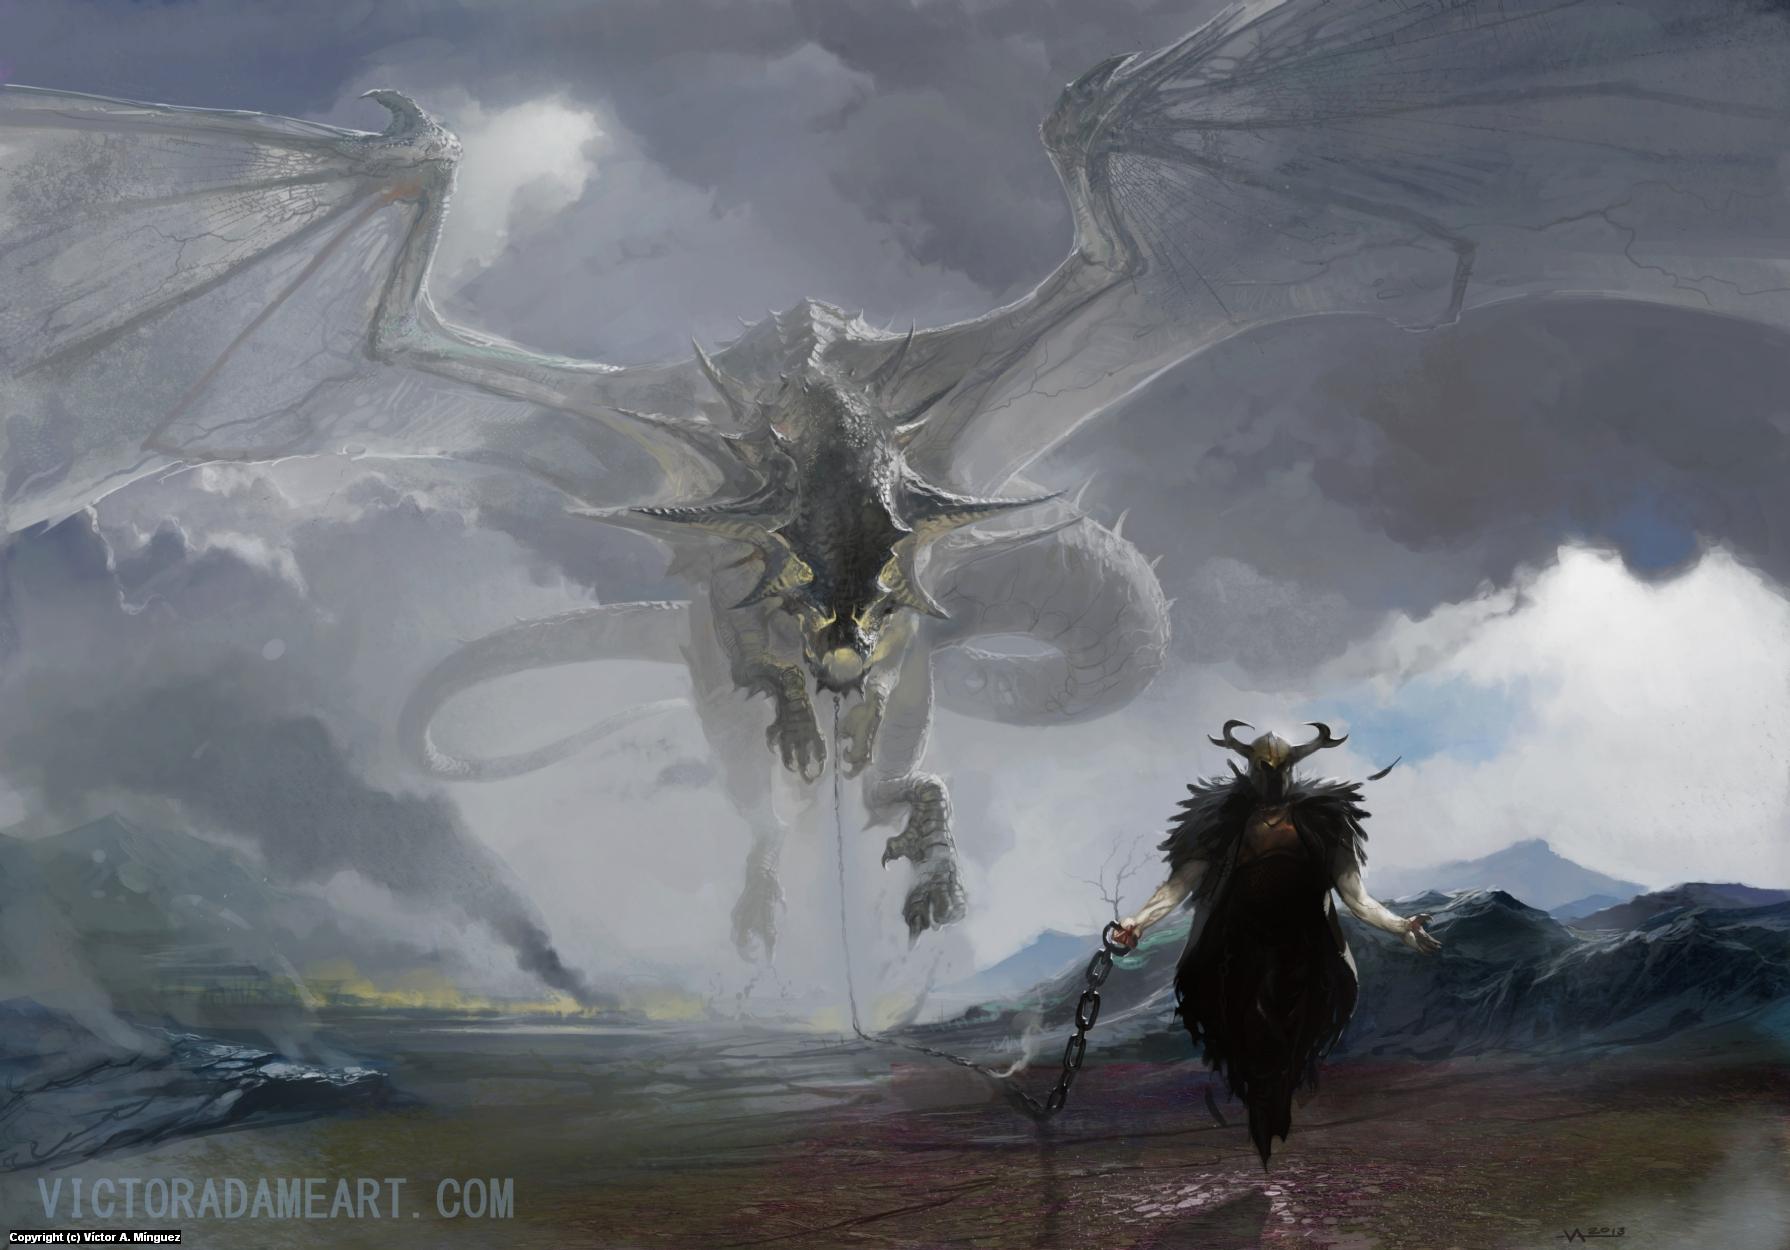 Keeper of gales Artwork by Victor Adame